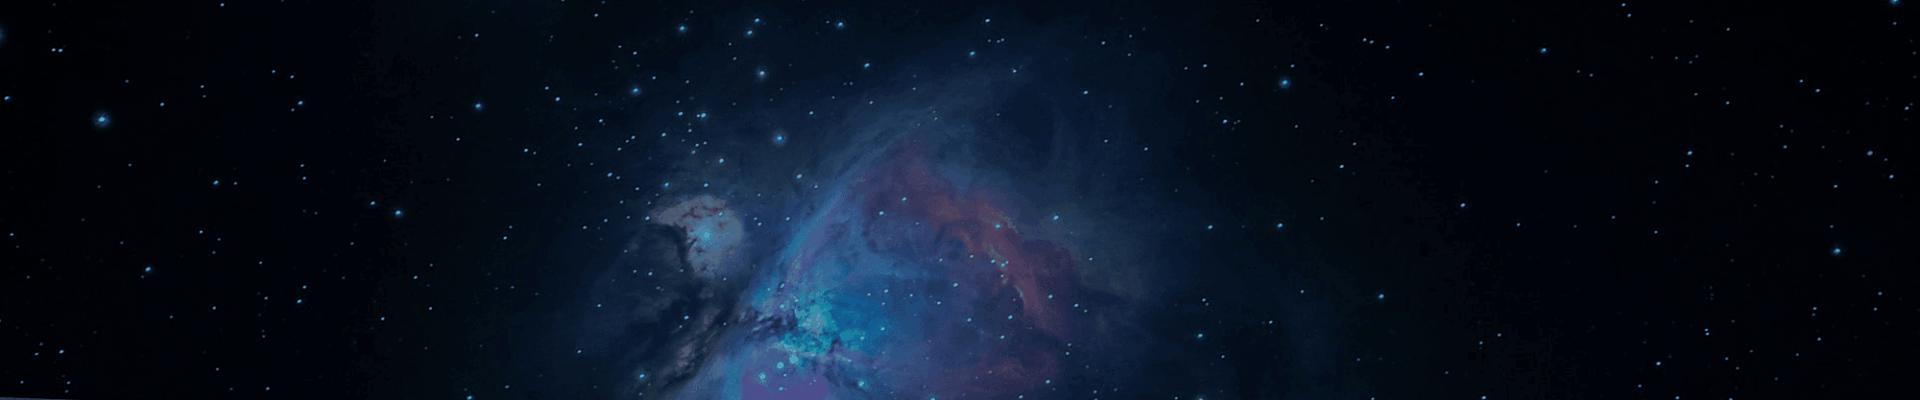 Bg nebula